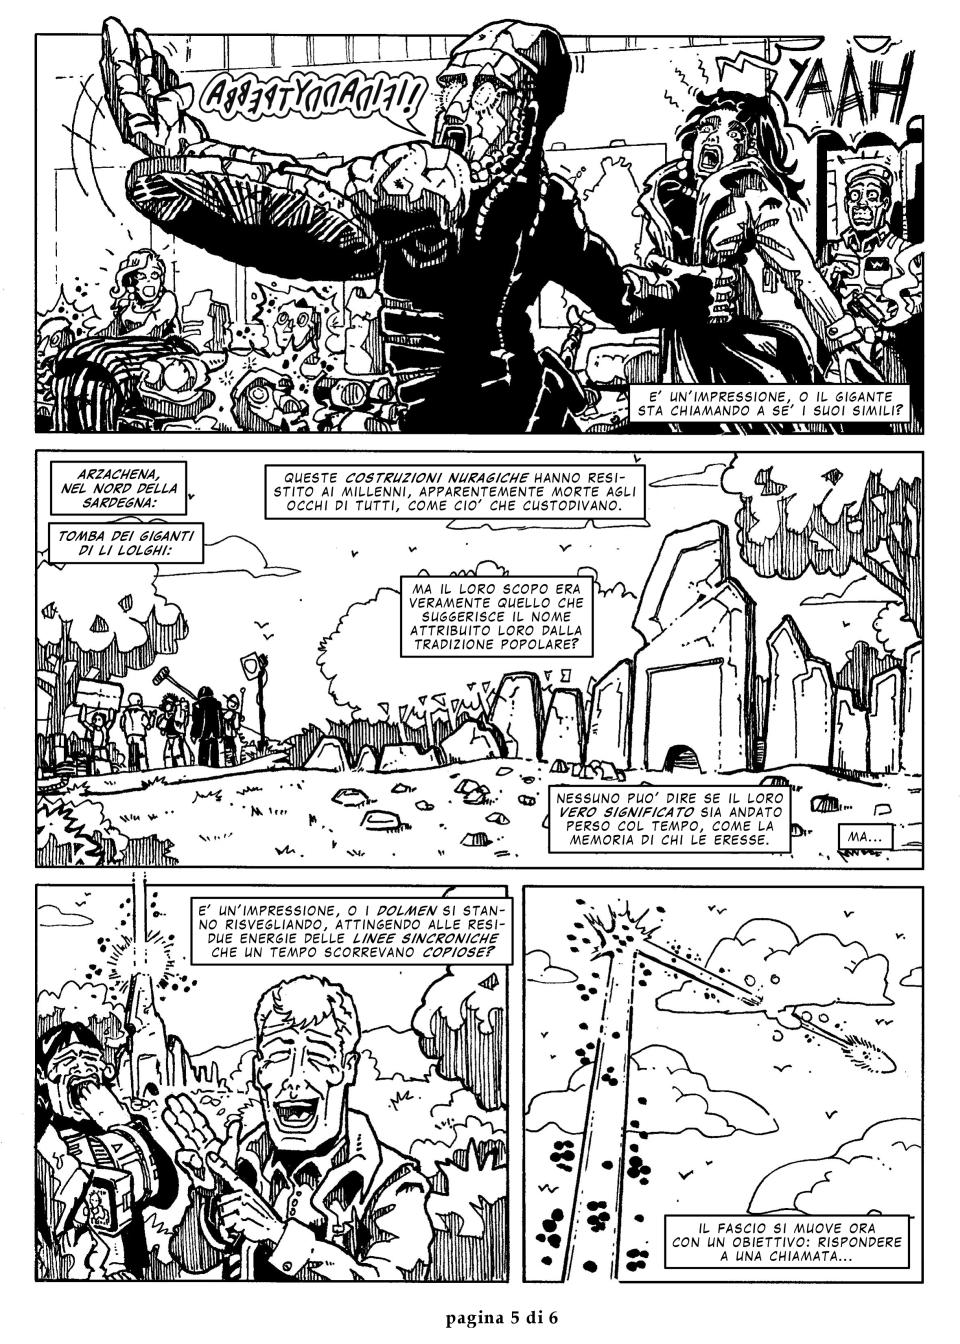 Get A Life 6 - pagina 5